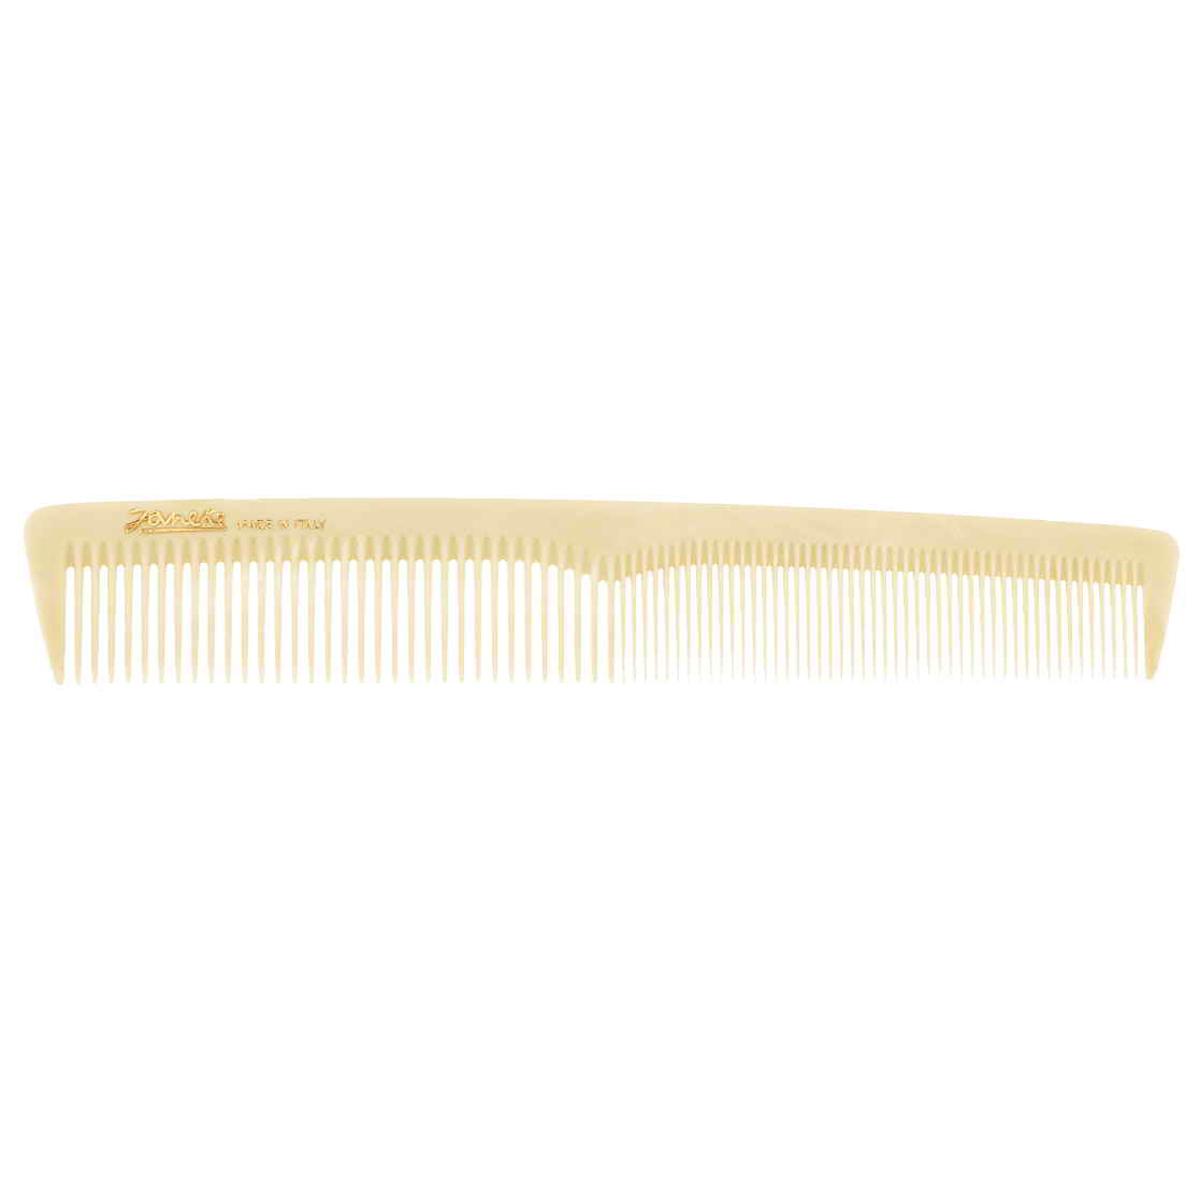 Janeke Расческа для волос. 74804339-72408HIМарка Janeke – мировой лидер по производству расчесок, щеток, маникюрных принадлежностей, зеркал и косметичек. Марка Janeke, основанная в 1830 году, вот уже почти 180 лет поддерживает непревзойденное качество своей продукции, сочетая новейшие технологии с традициями ста- рых миланских мастеров. Все изделия на 80% производятся вручную, а инновационные технологии и современные материалы делают продукцию марки поистине уникальной. Стильный и эргономичный дизайн, яркие цветовые решения – все это приносит истин- ное удовольствие от использования аксессуаров Janeke. Пластиковая линия из высококачественного сырья, большое разнообразие моделей и цветов, кончик расчески специально закруглен, чтобы предотвратить разрыв волоса